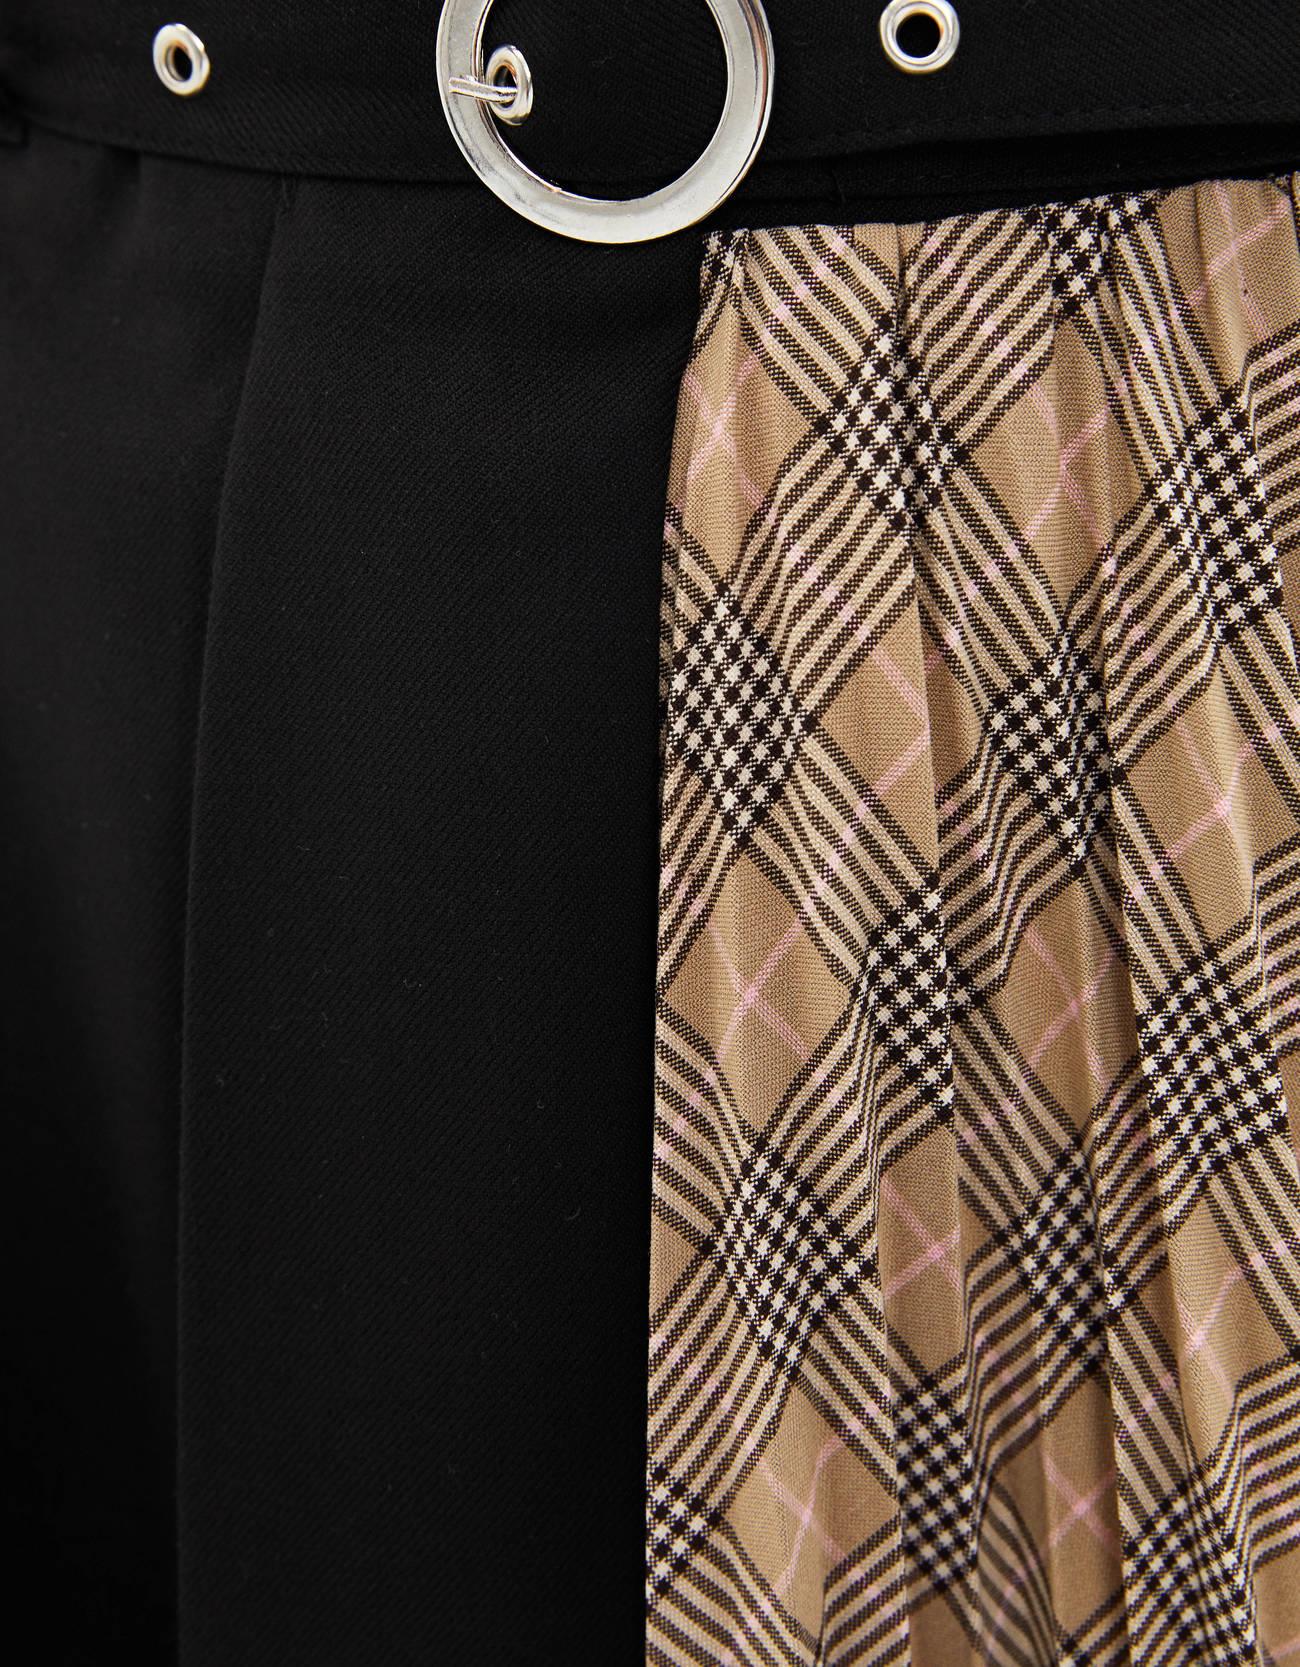 Юбка с плиссировкой в стиле цветовых блоков ЧЕРНЫЙ Bershka